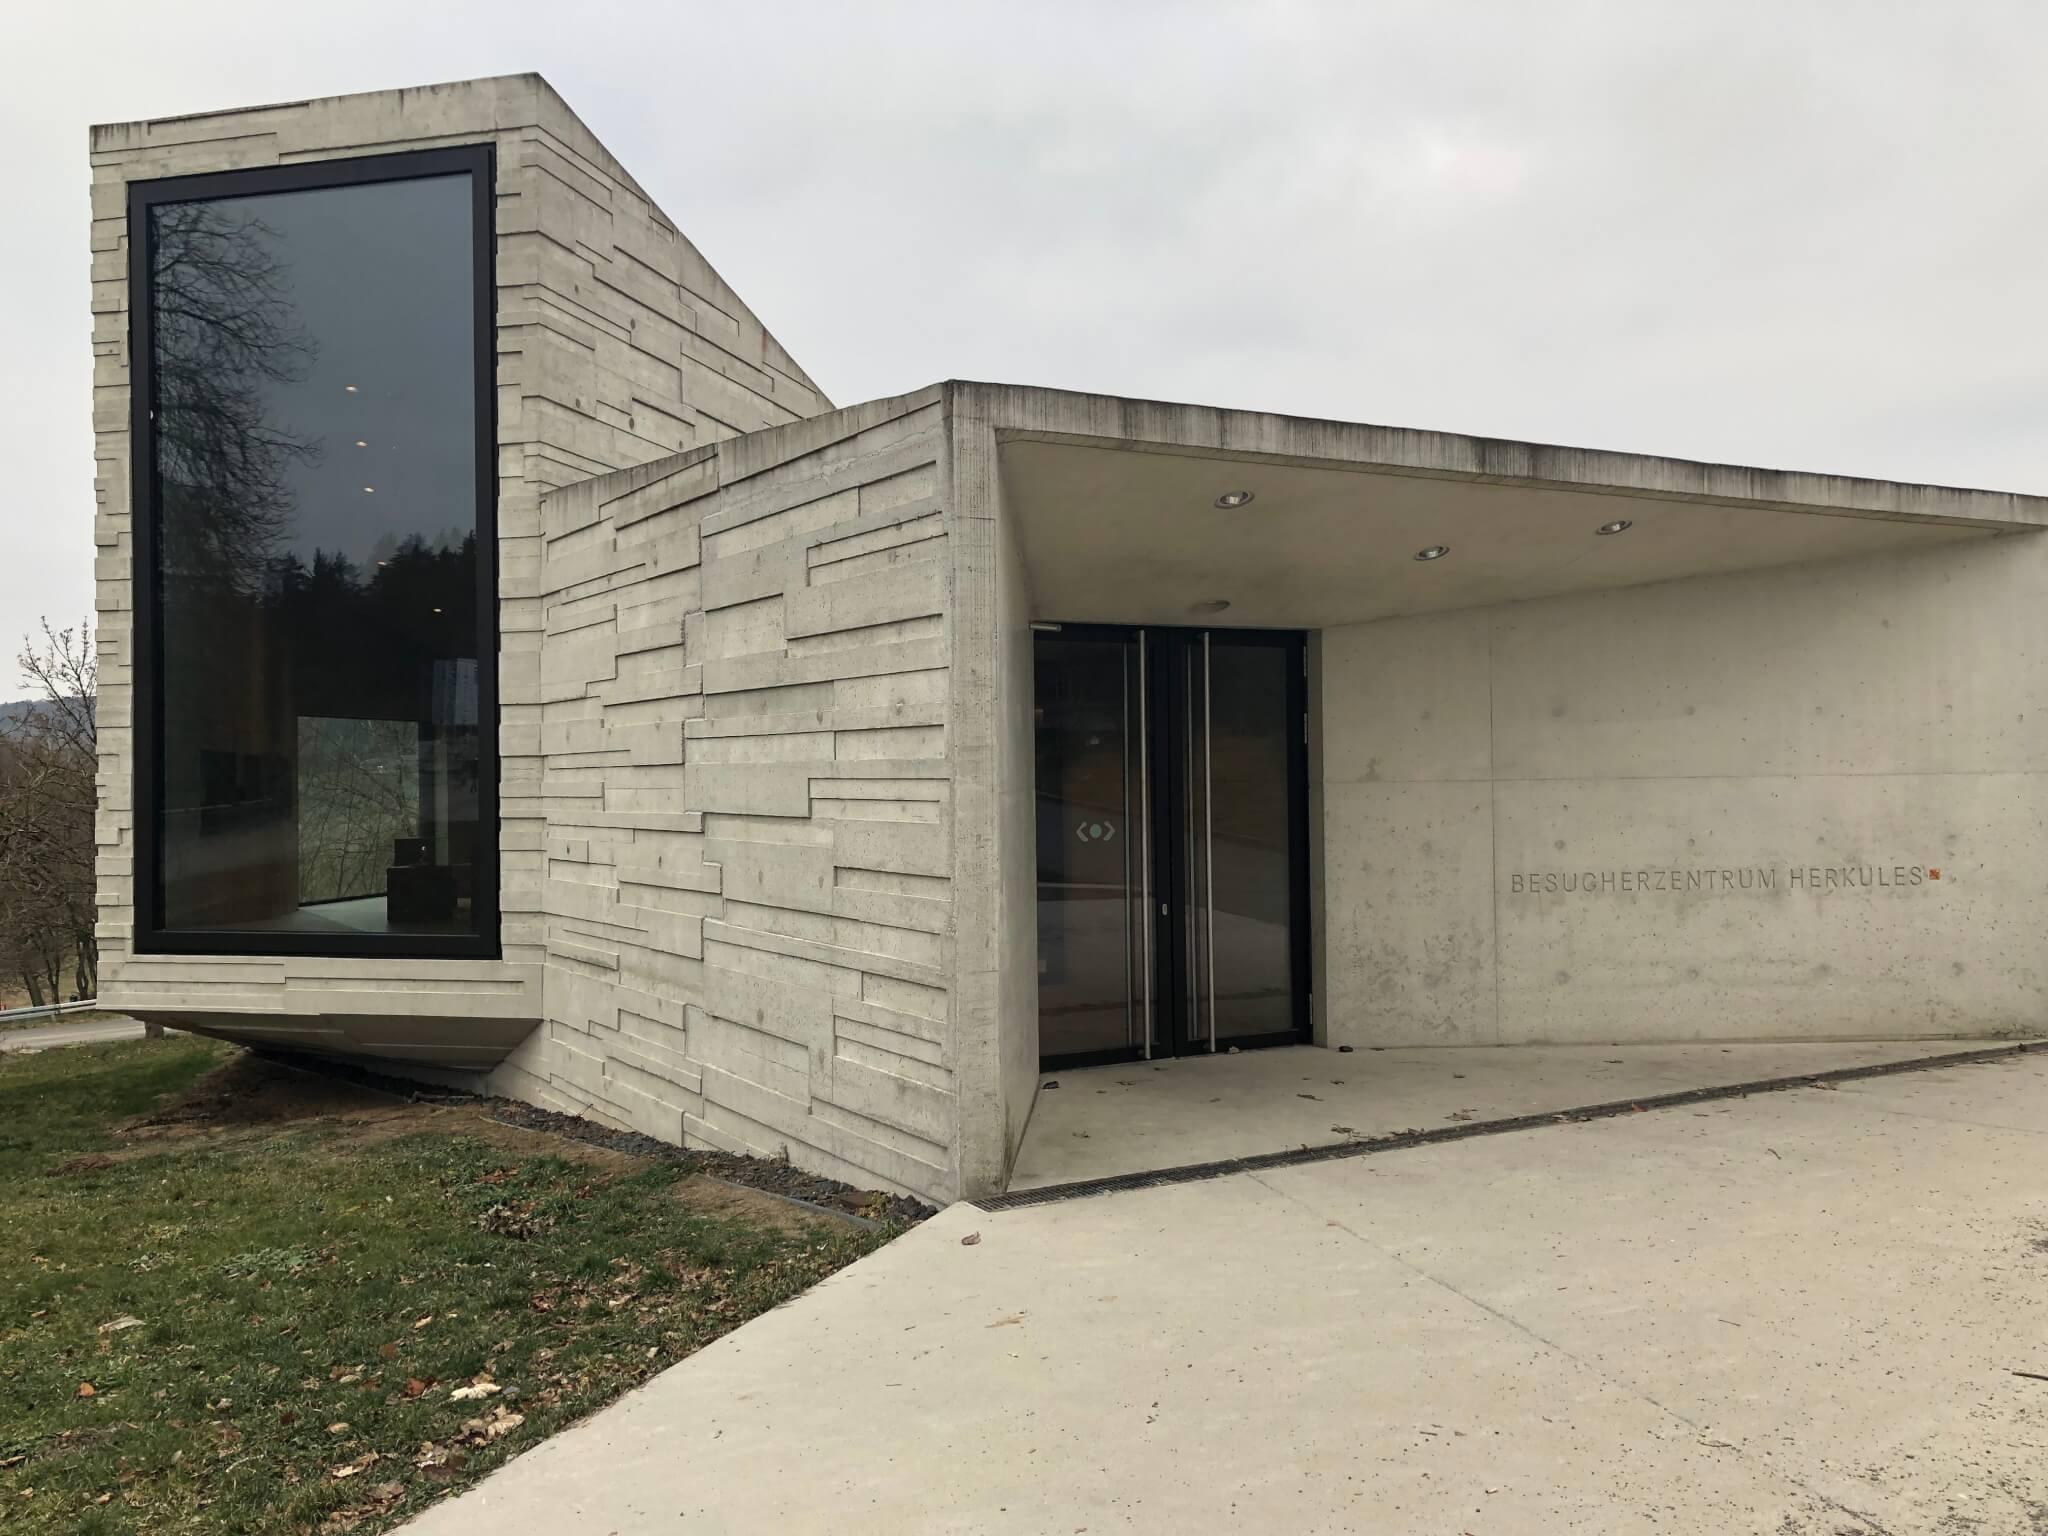 Besucherzentrum Herkules, Bergpark Wilhelmshöhe, Kassel